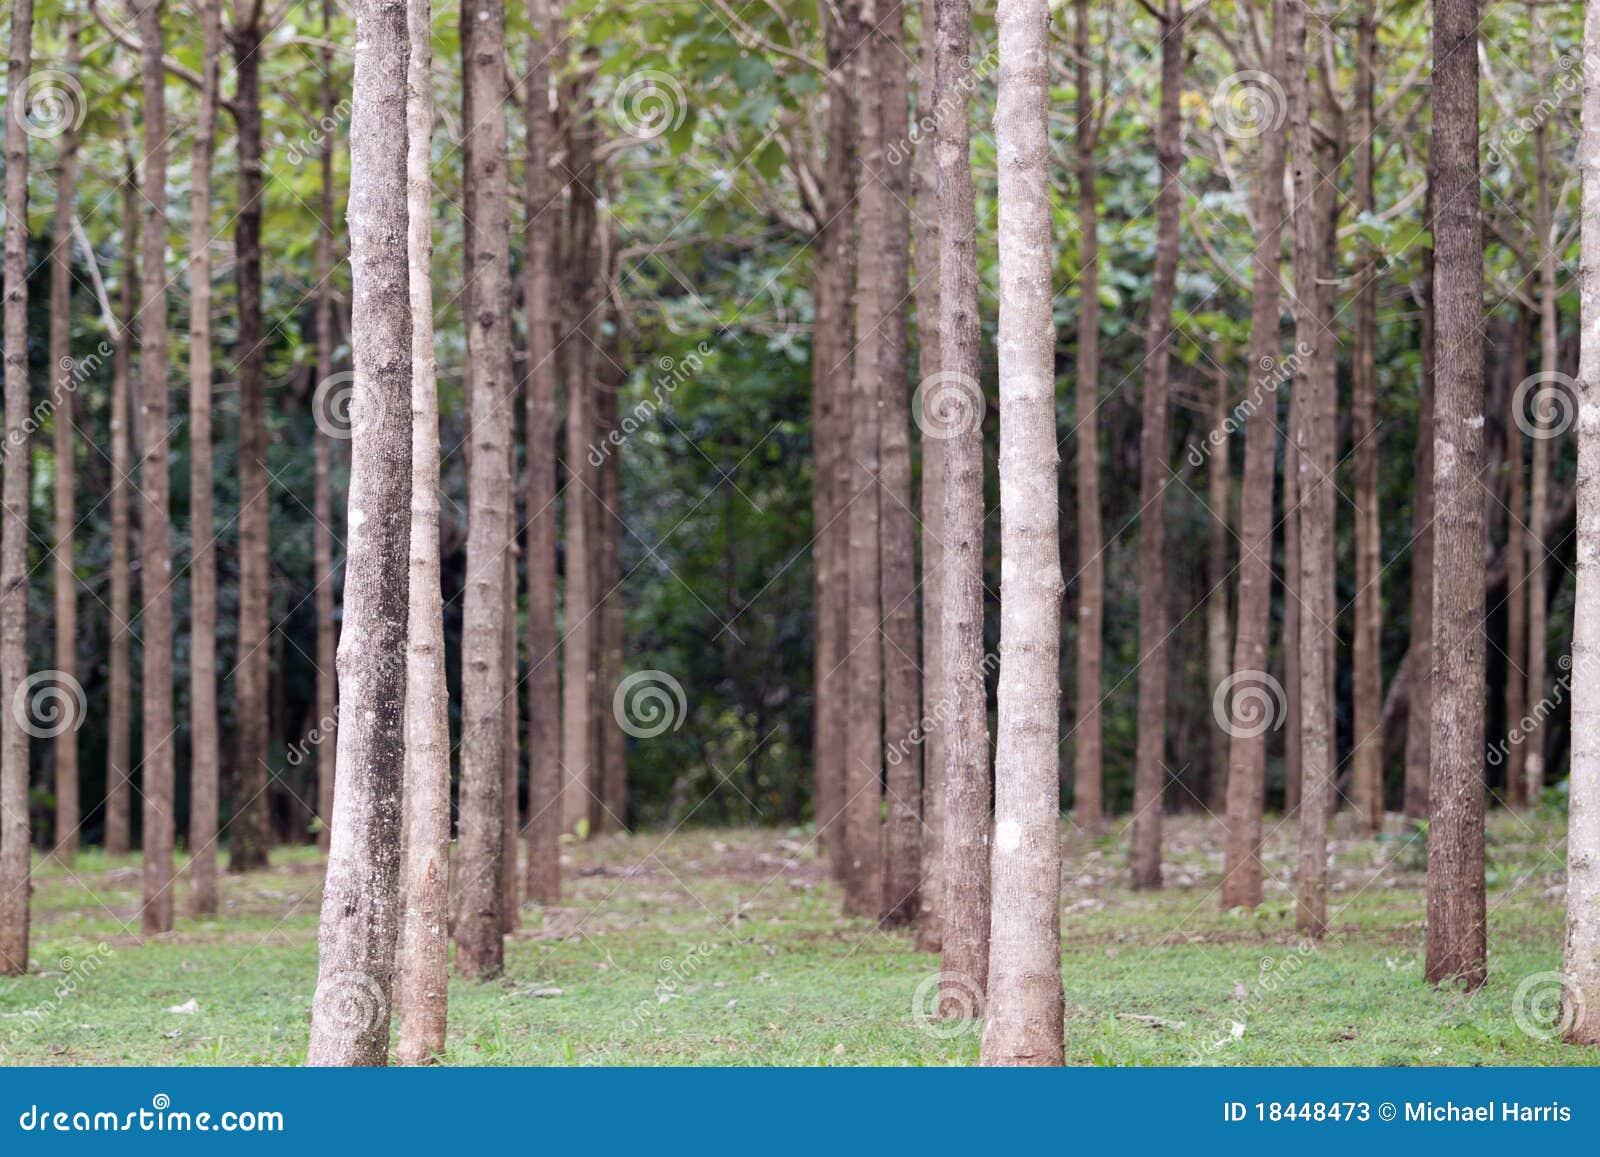 arbres de bois dur dans une ligne photos stock image 18448473. Black Bedroom Furniture Sets. Home Design Ideas